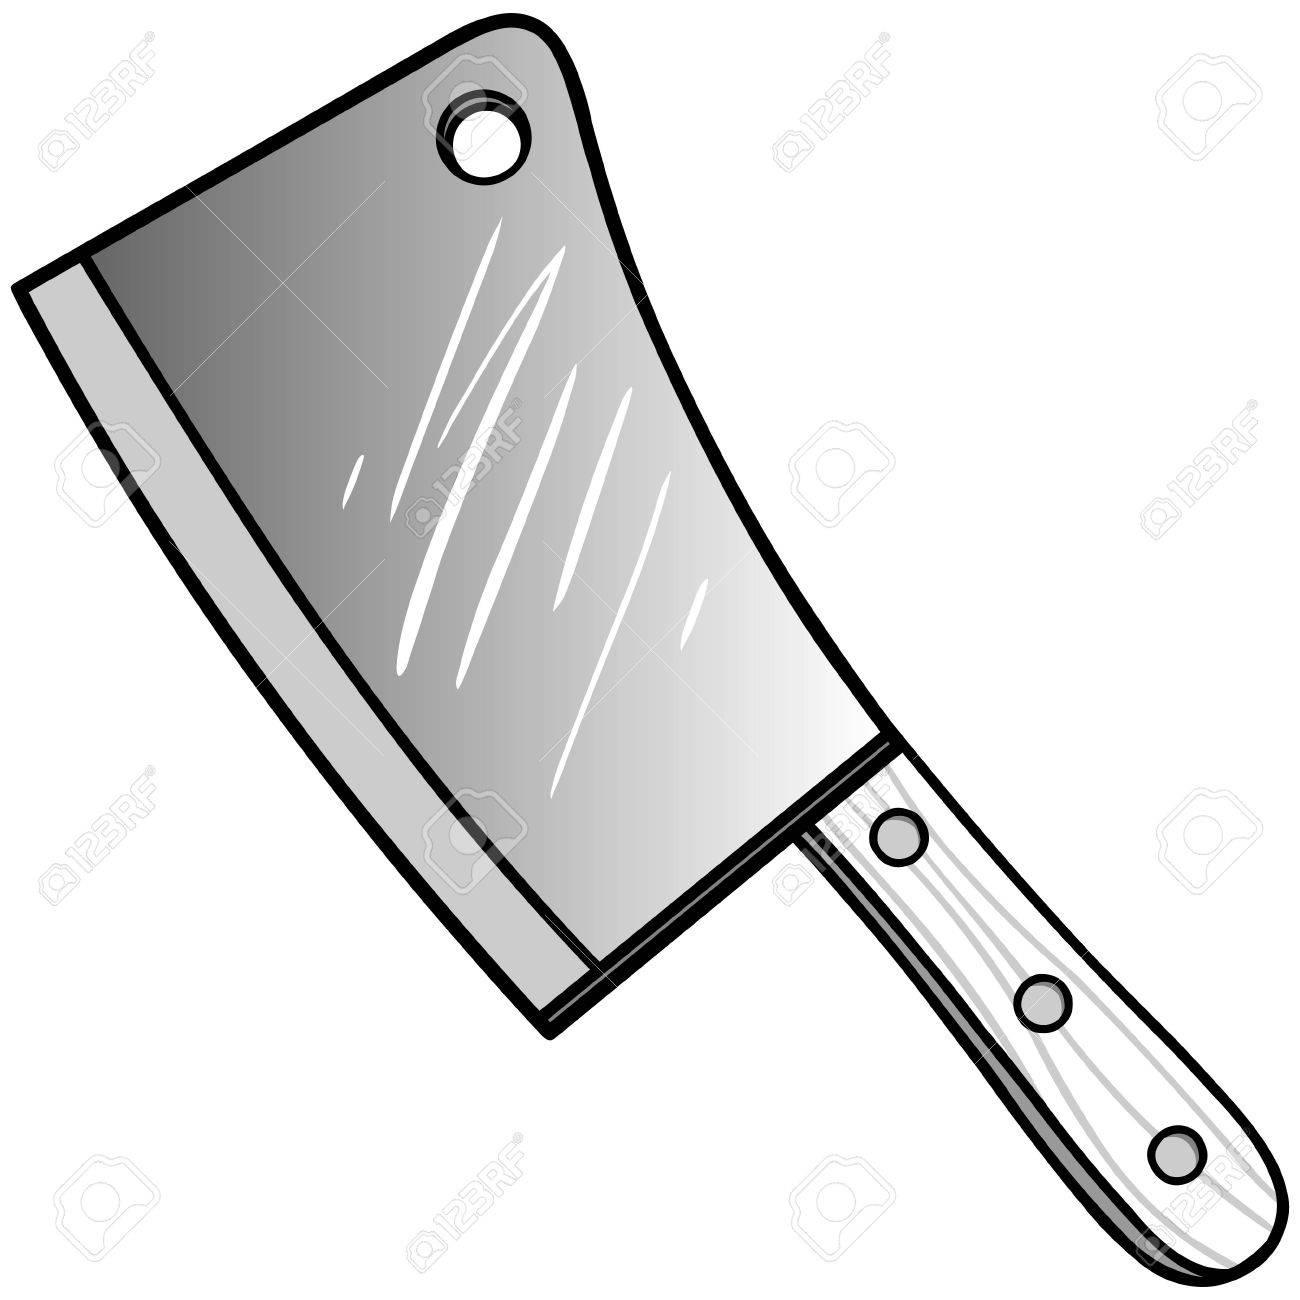 肉包丁イラストのイラスト素材ベクタ Image 71730170